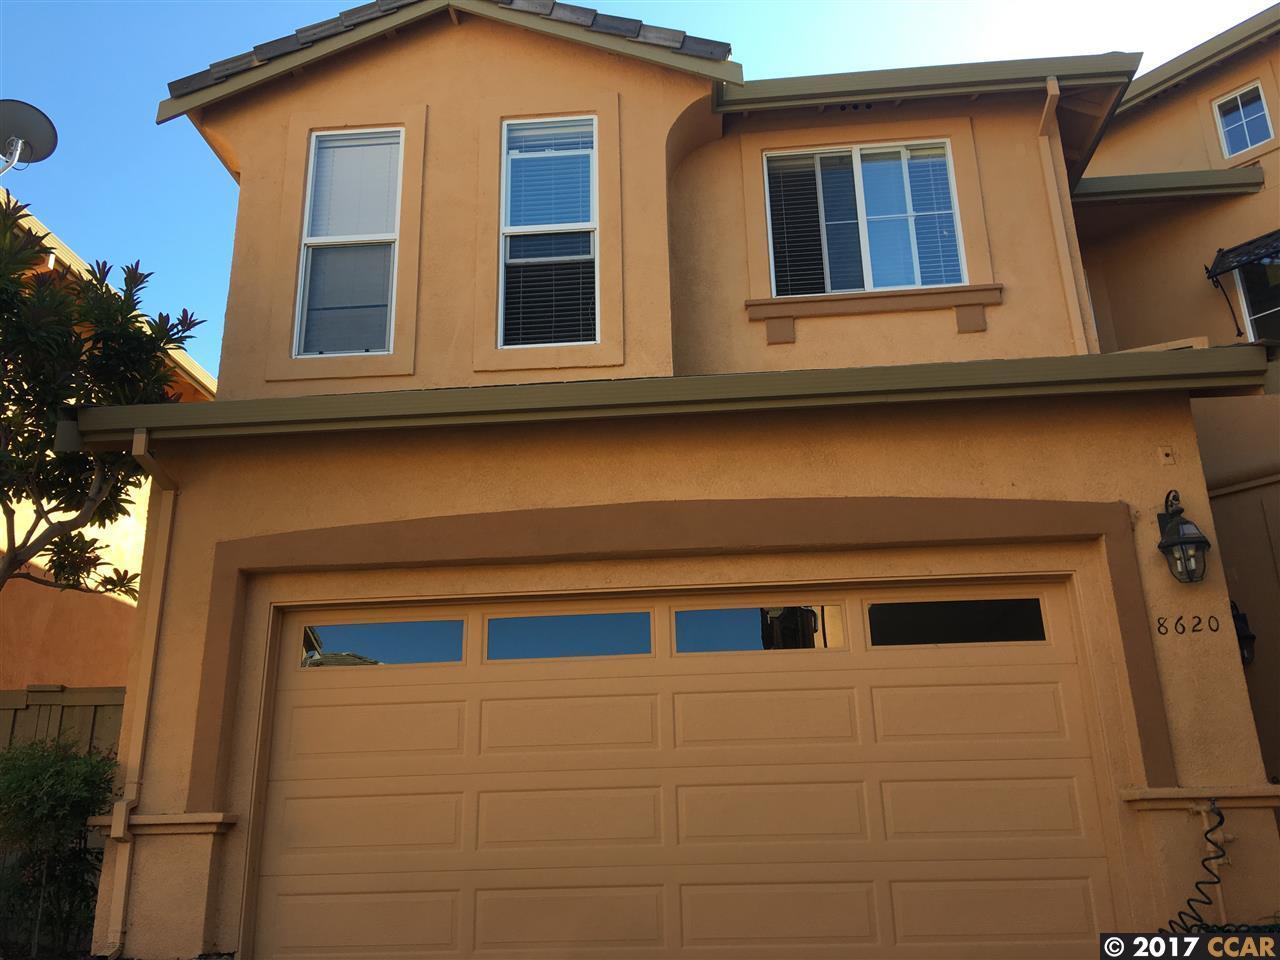 8620 Fountain Blue Ct, VALLEJO, CA 94591